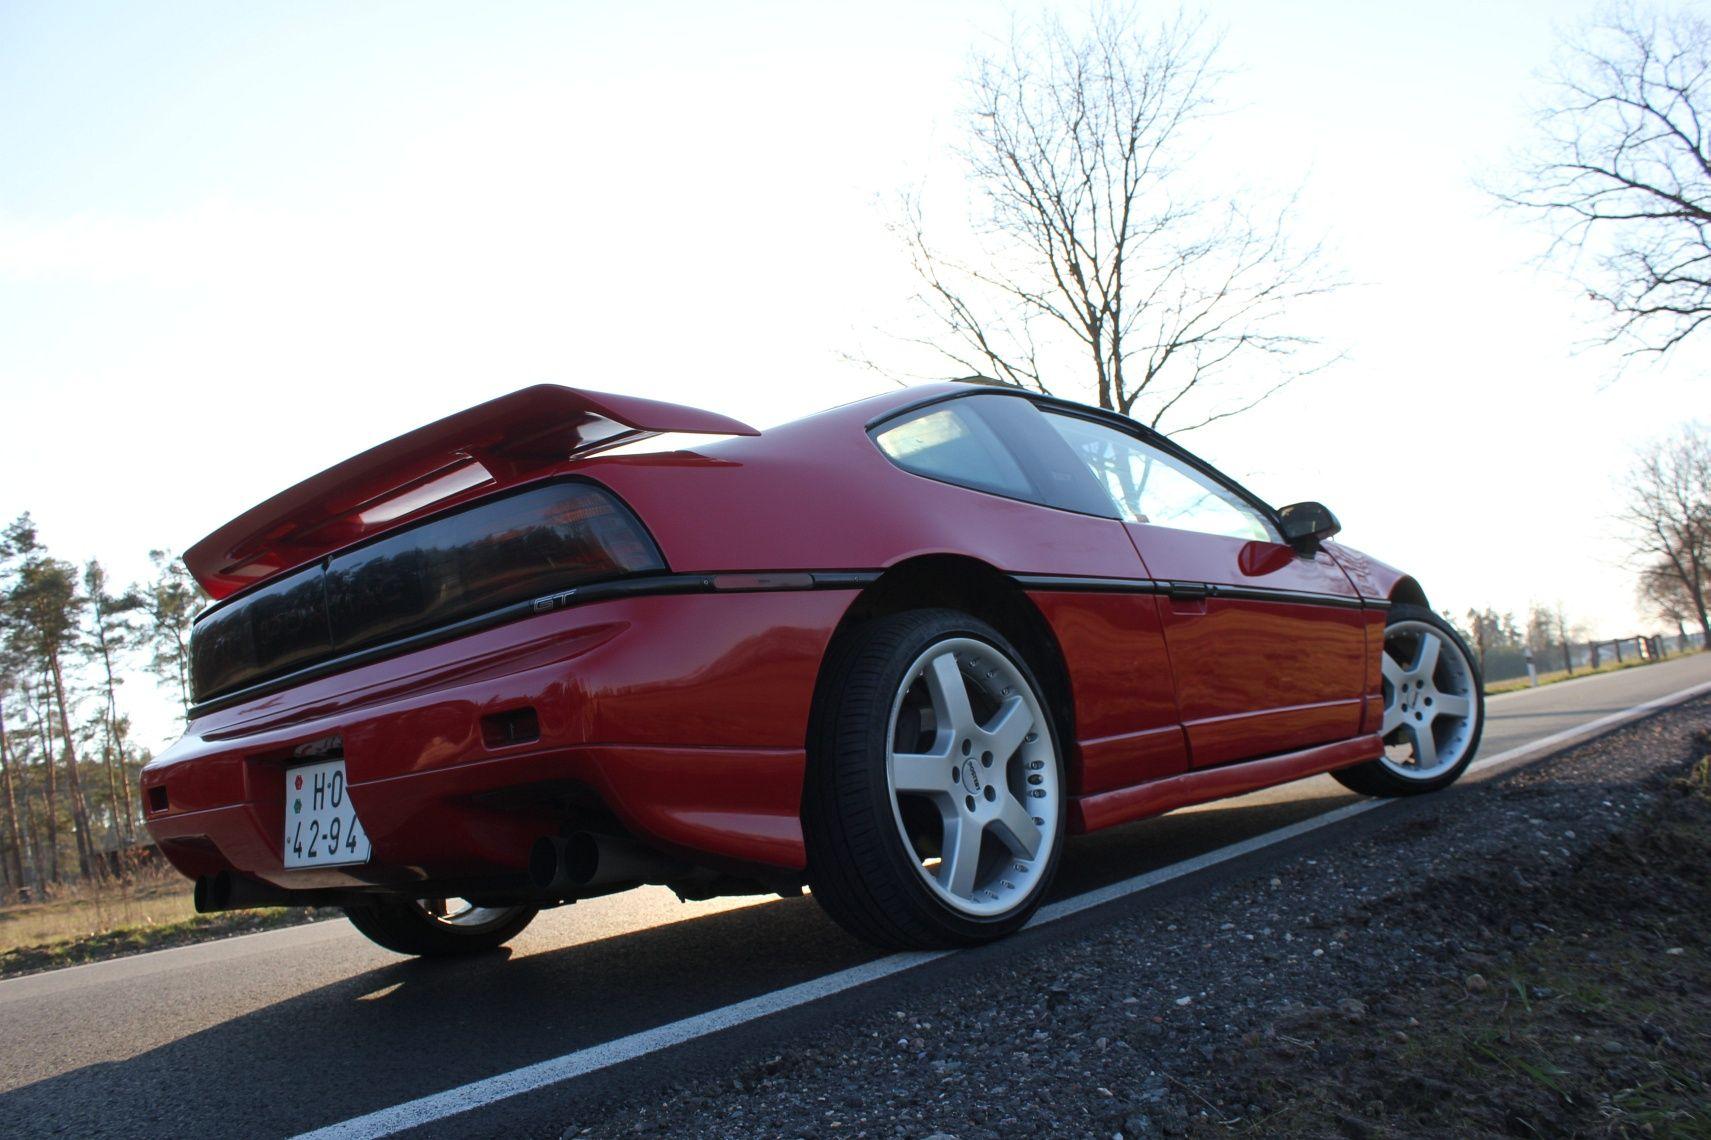 Pontiac Fiero GT Pontiac fiero gt, Pontiac fiero, Pontiac